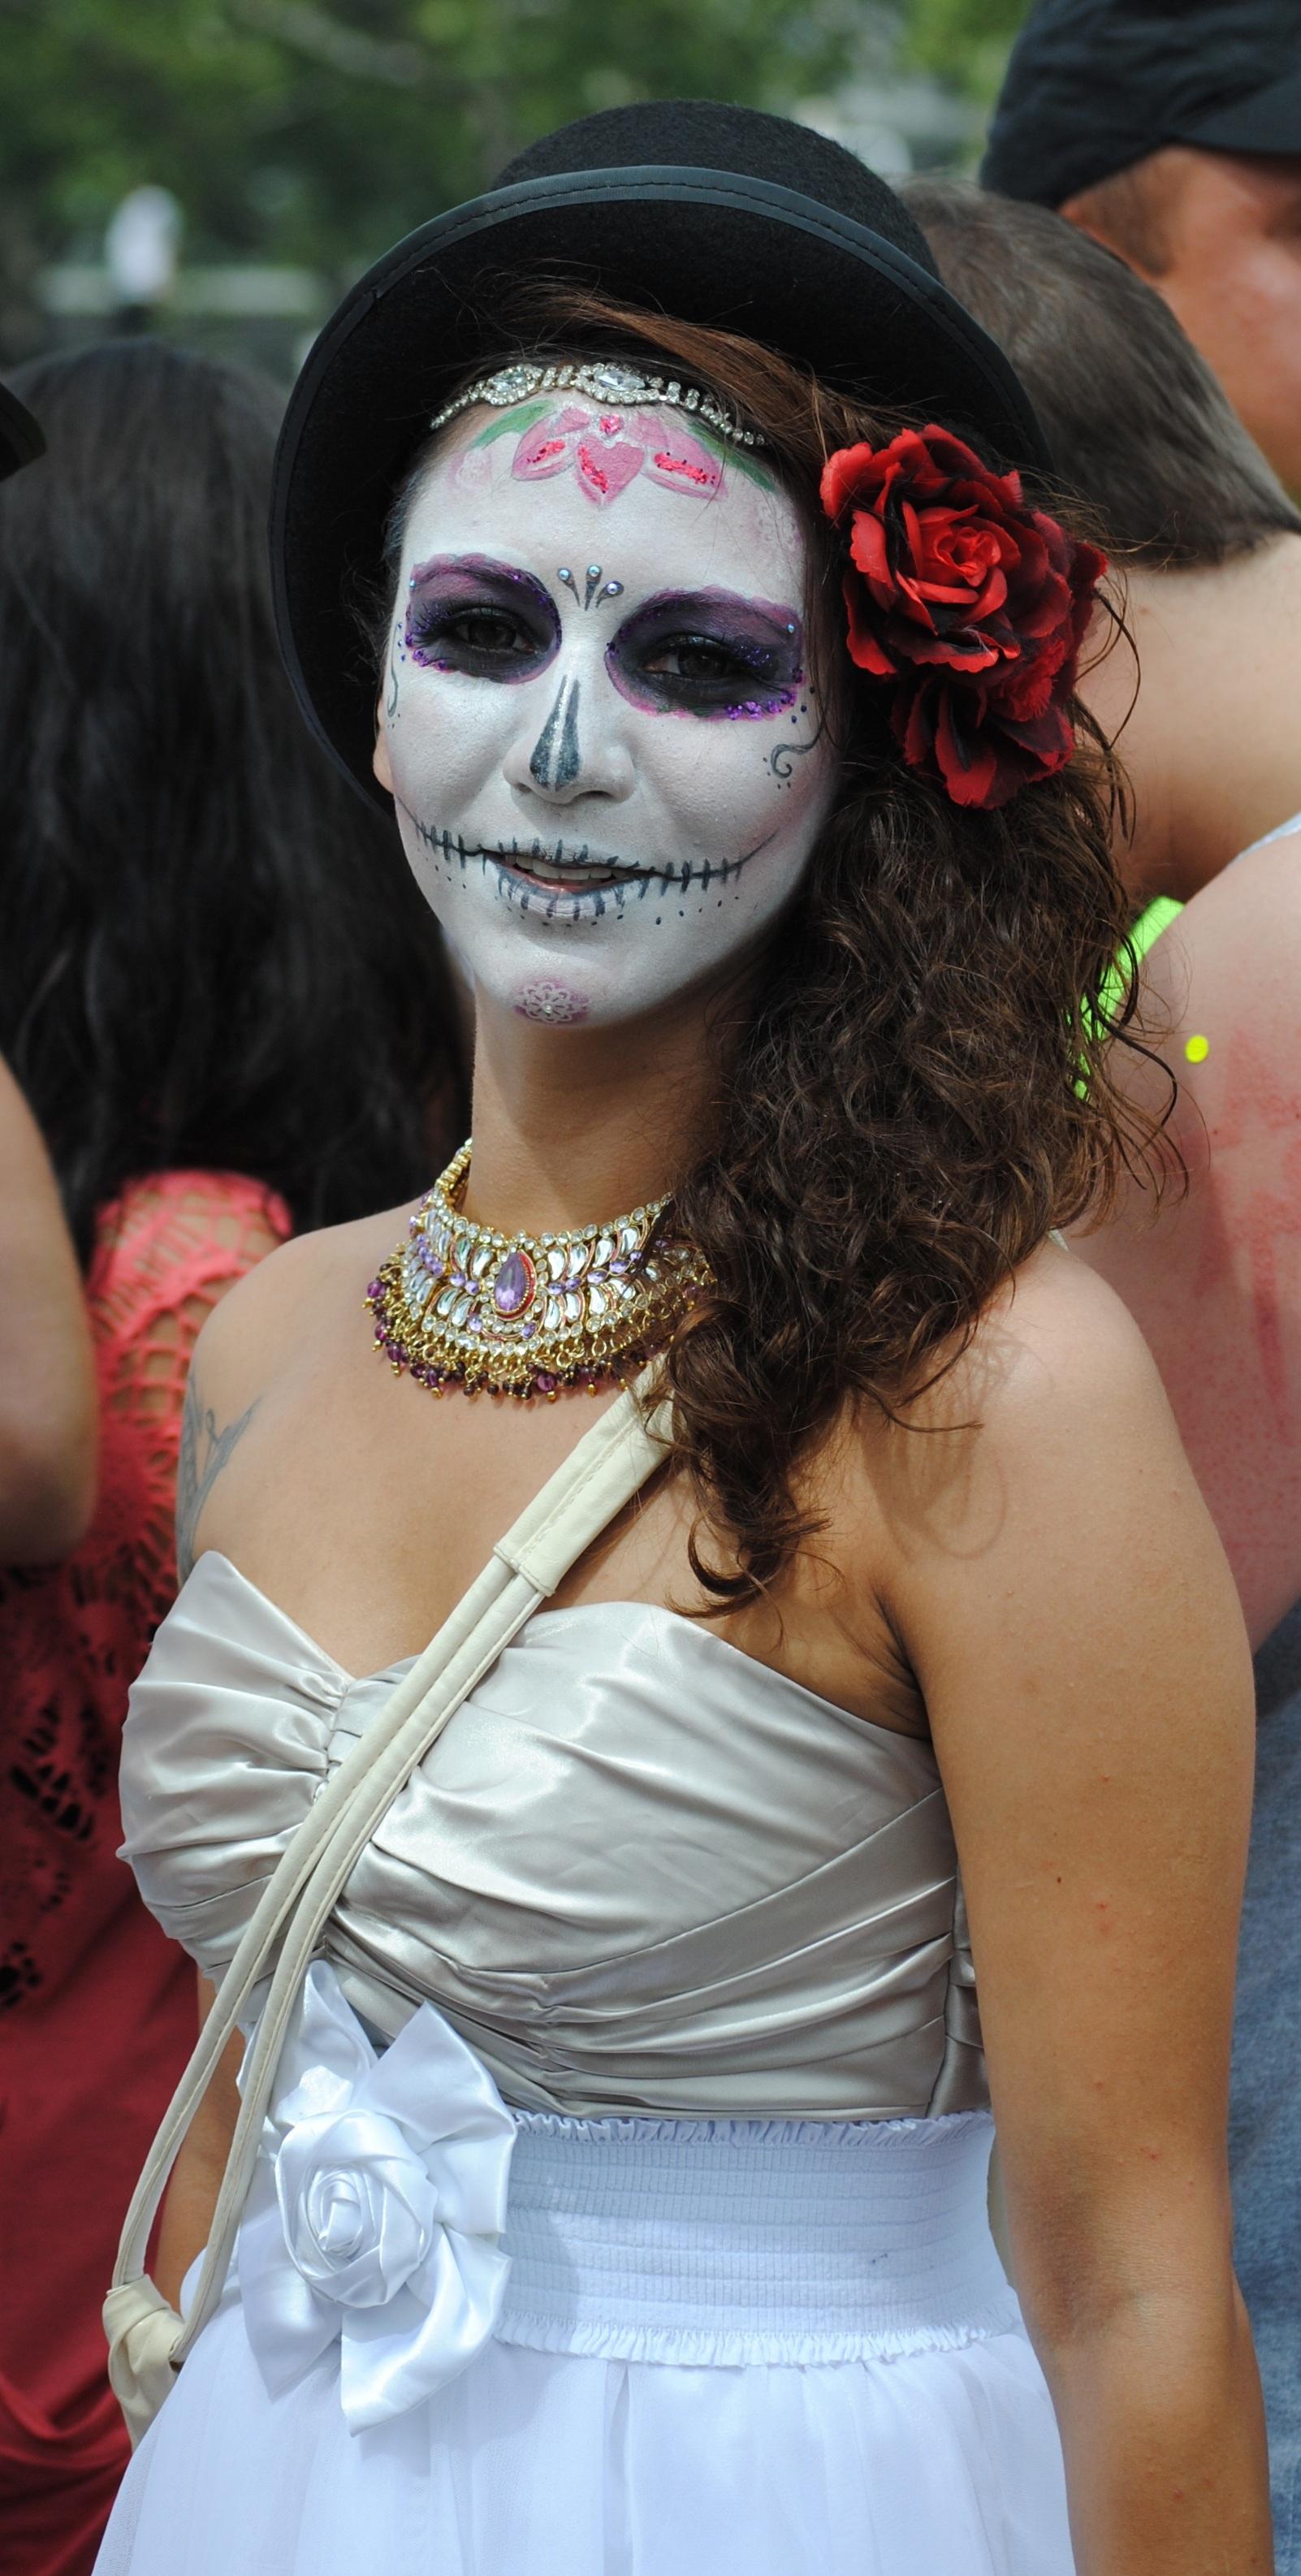 Festival Kızı Modası